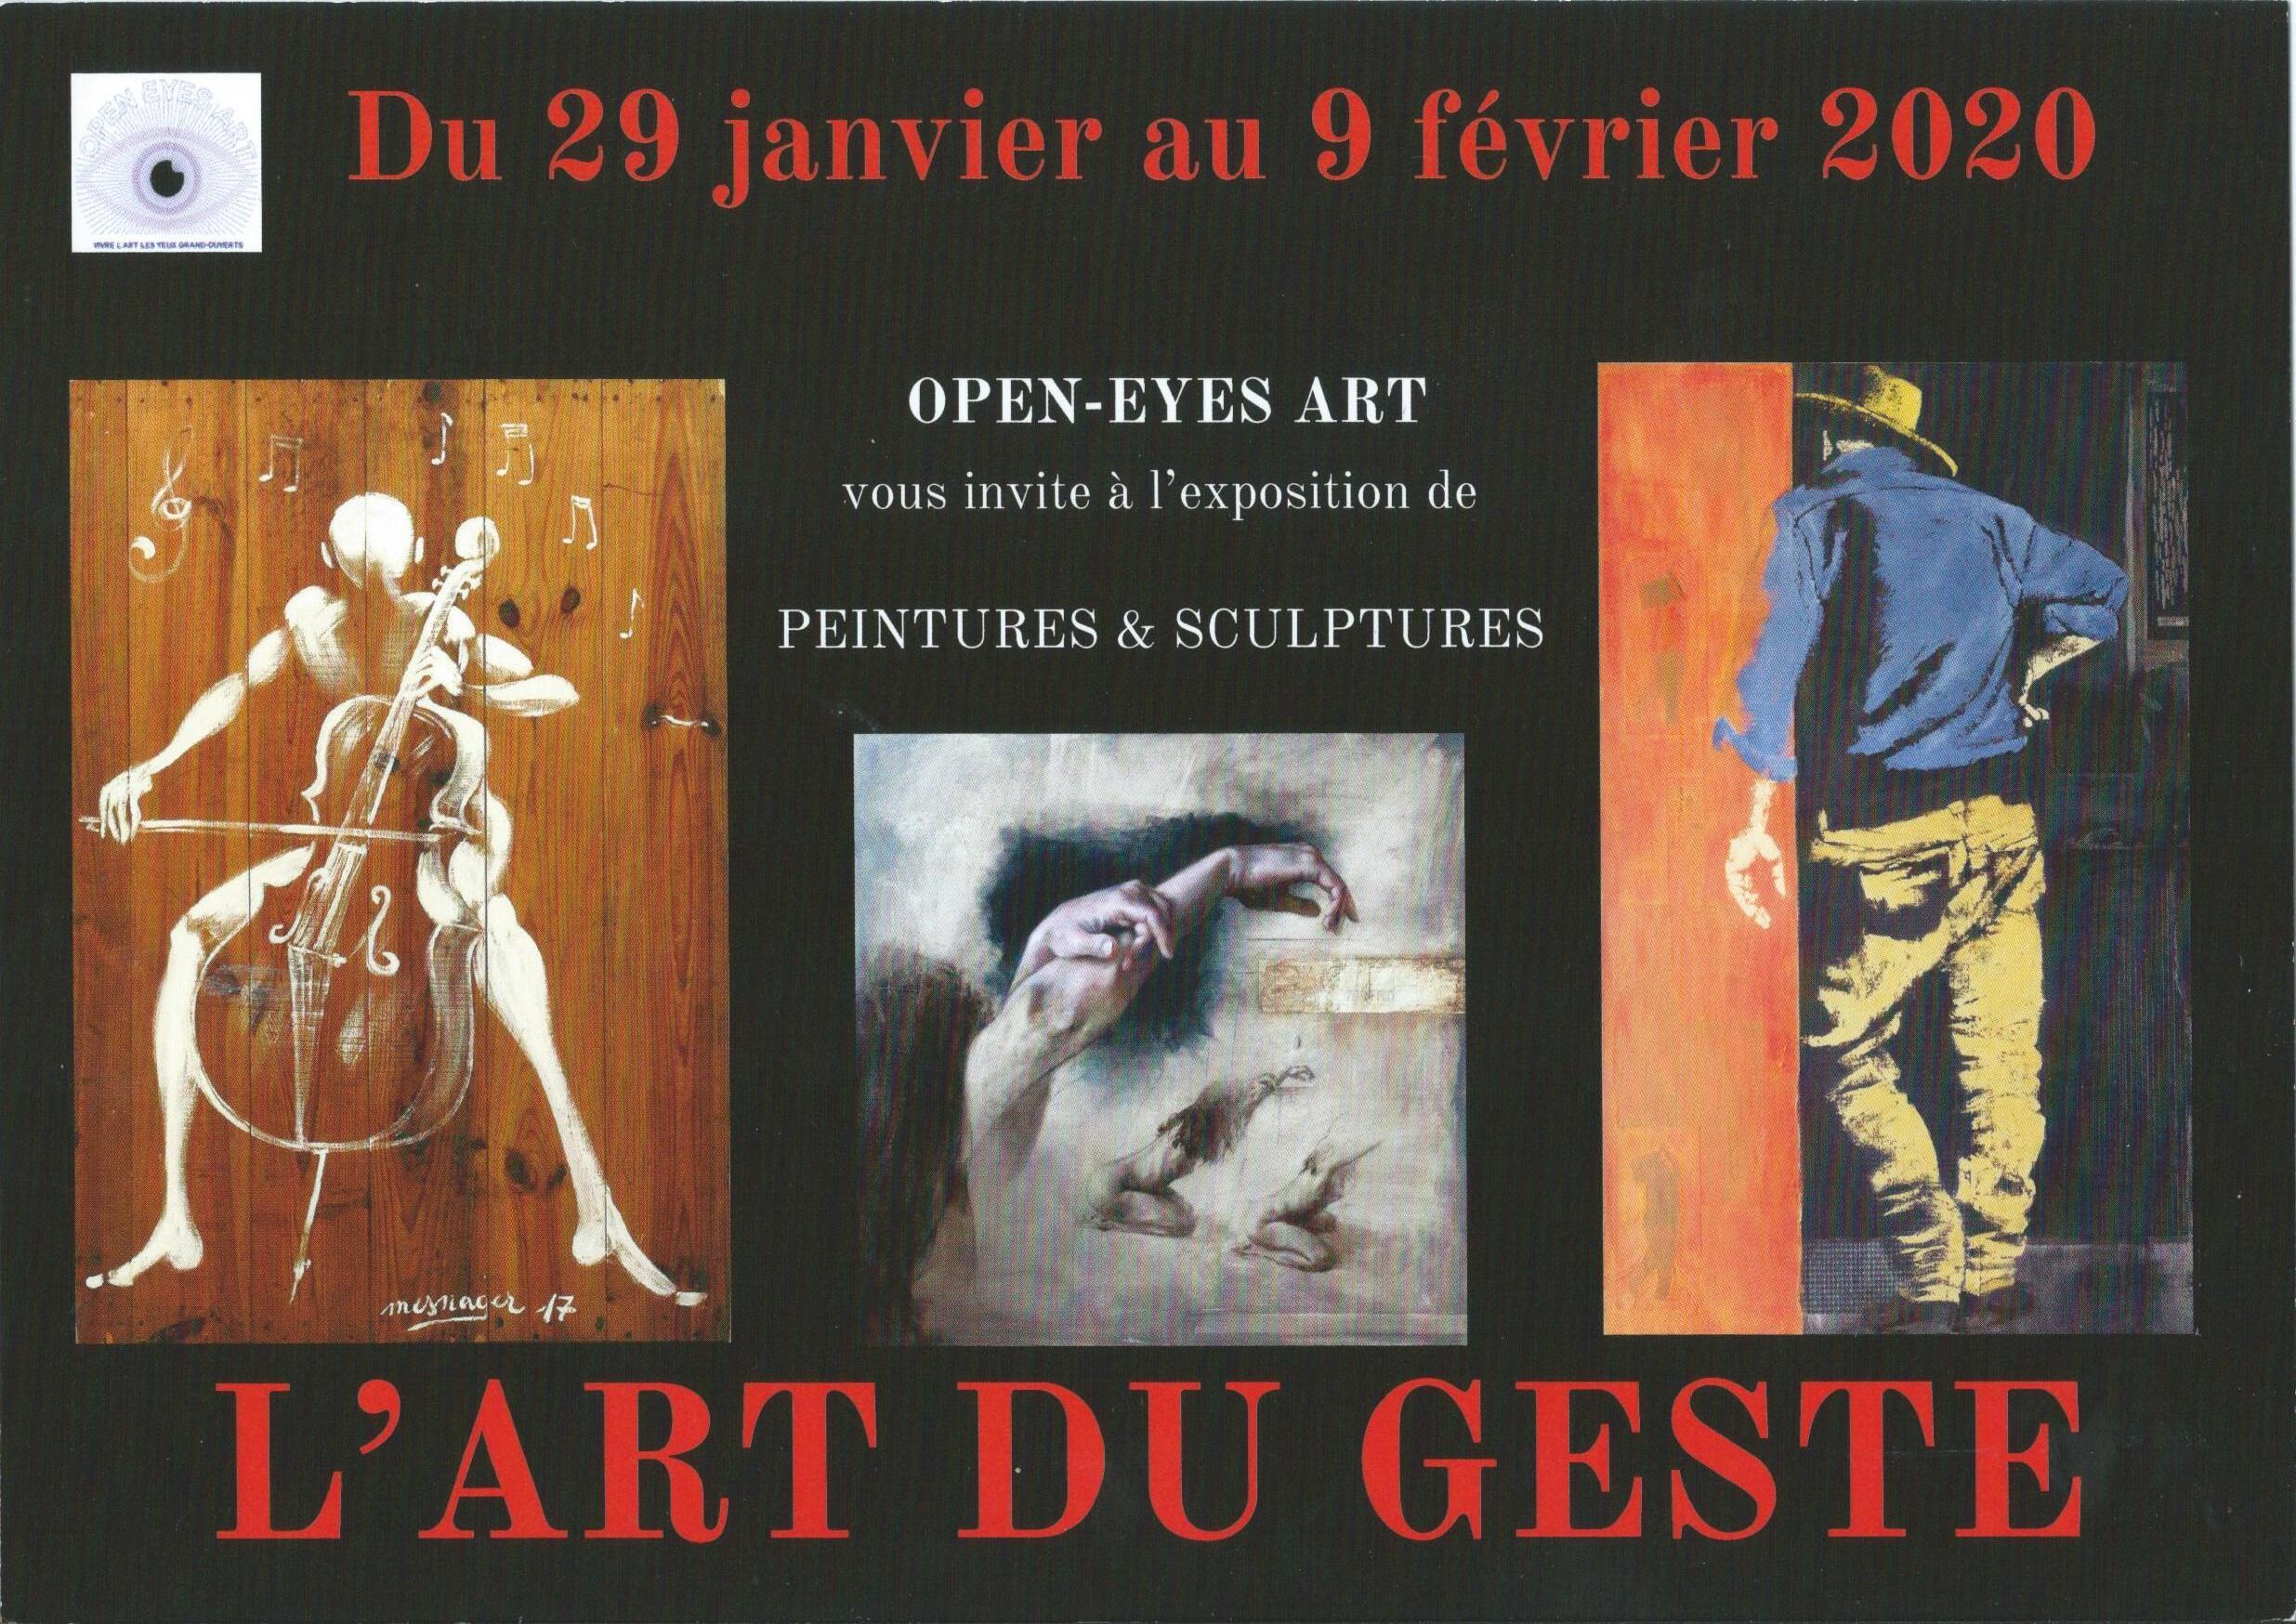 Affiche de l'exposition l'art du geste